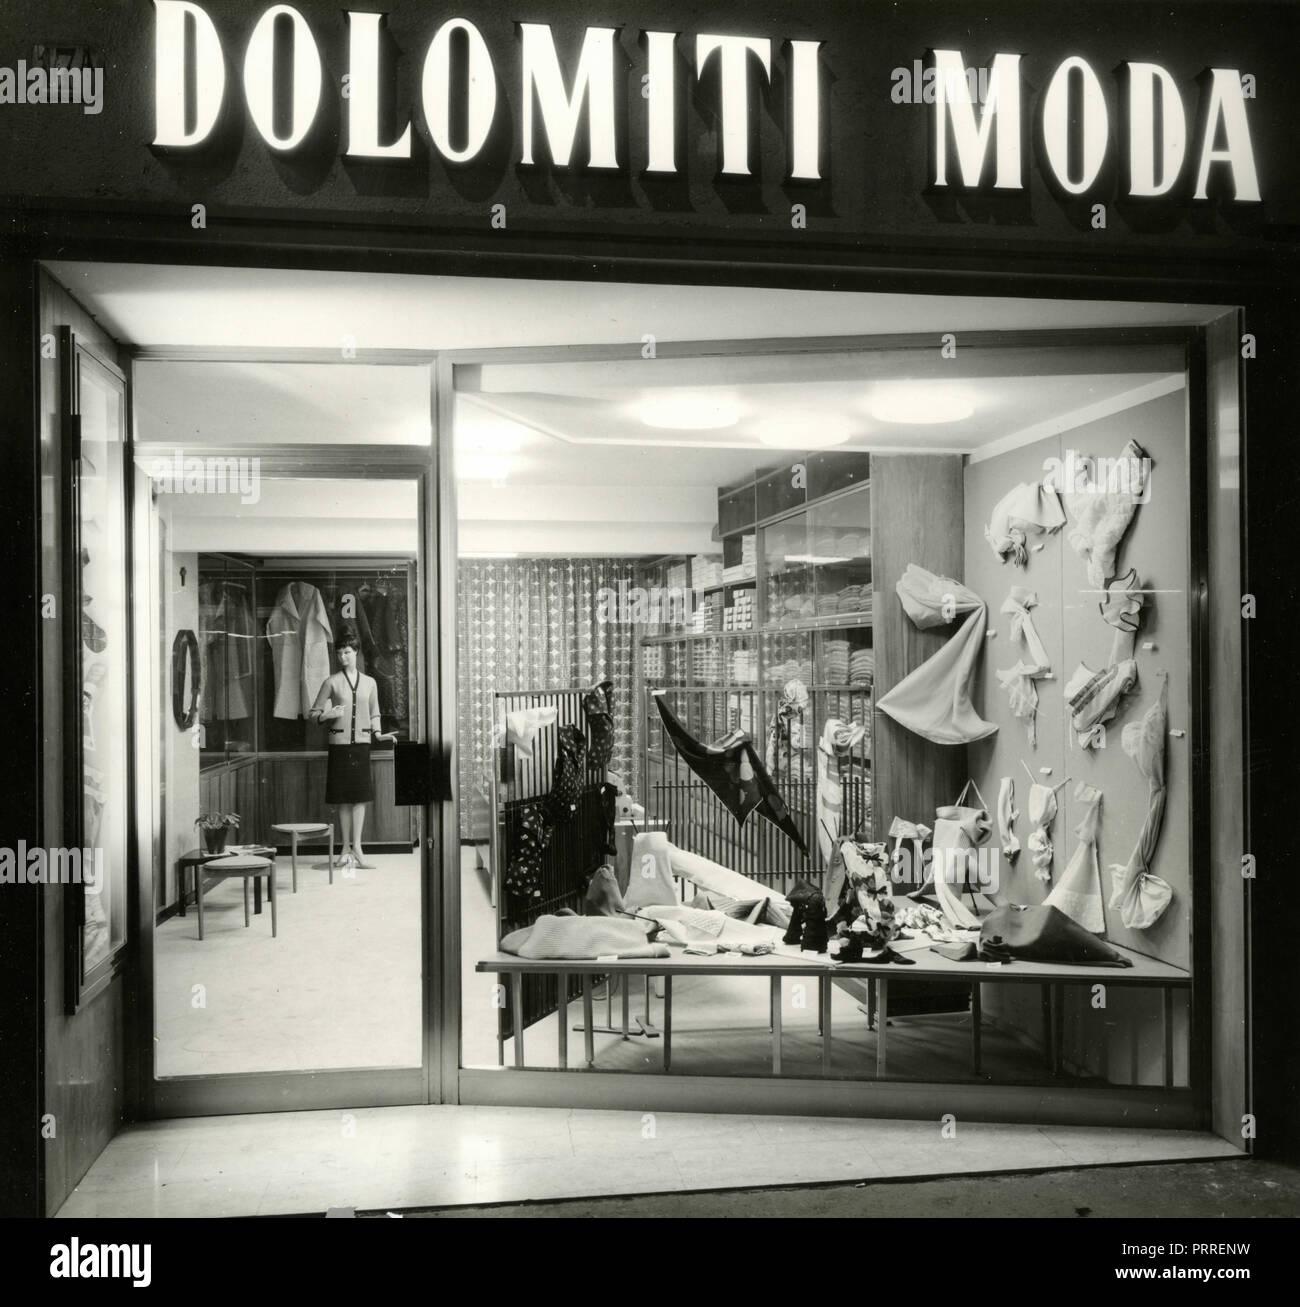 Le finestre del negozio Dolomiti Moda, Bolzano, Italia degli anni sessanta Immagini Stock